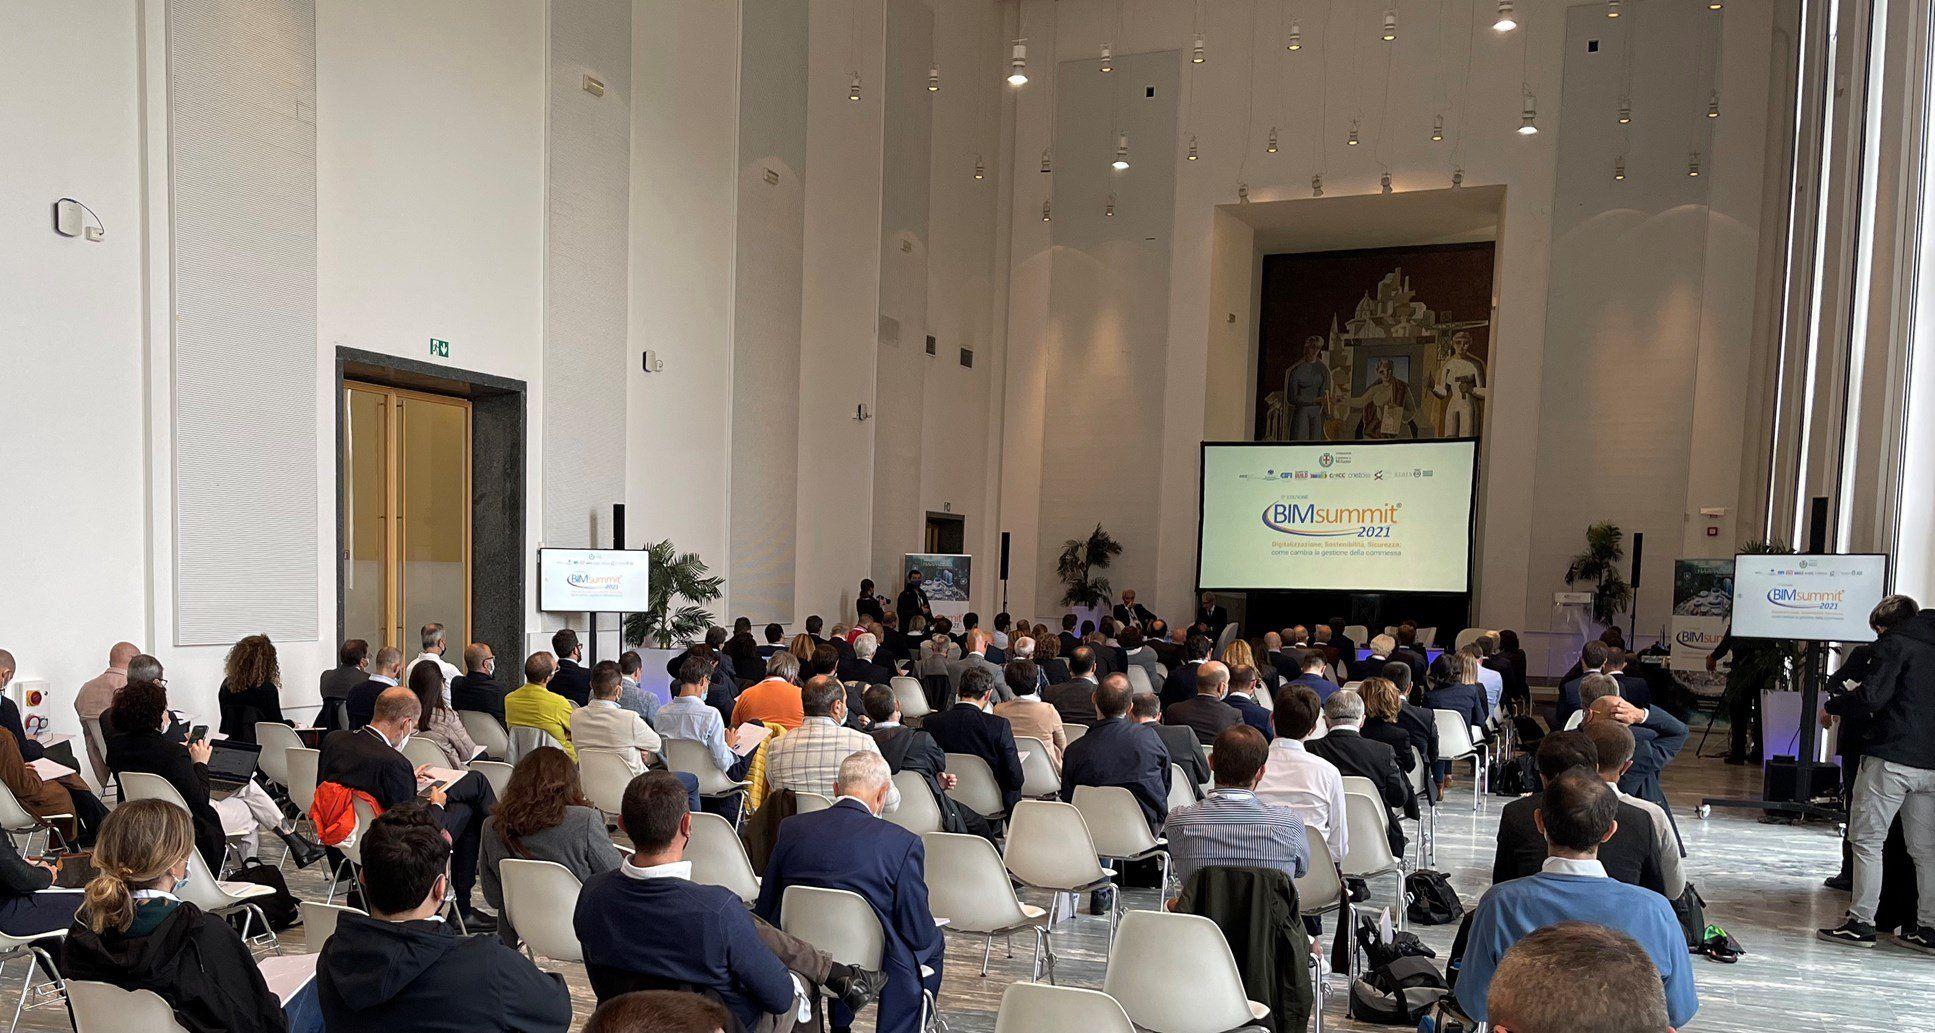 Harpaceas presenta la digitalizzazione di progetti e appalti, sostenibilità e sicurezza